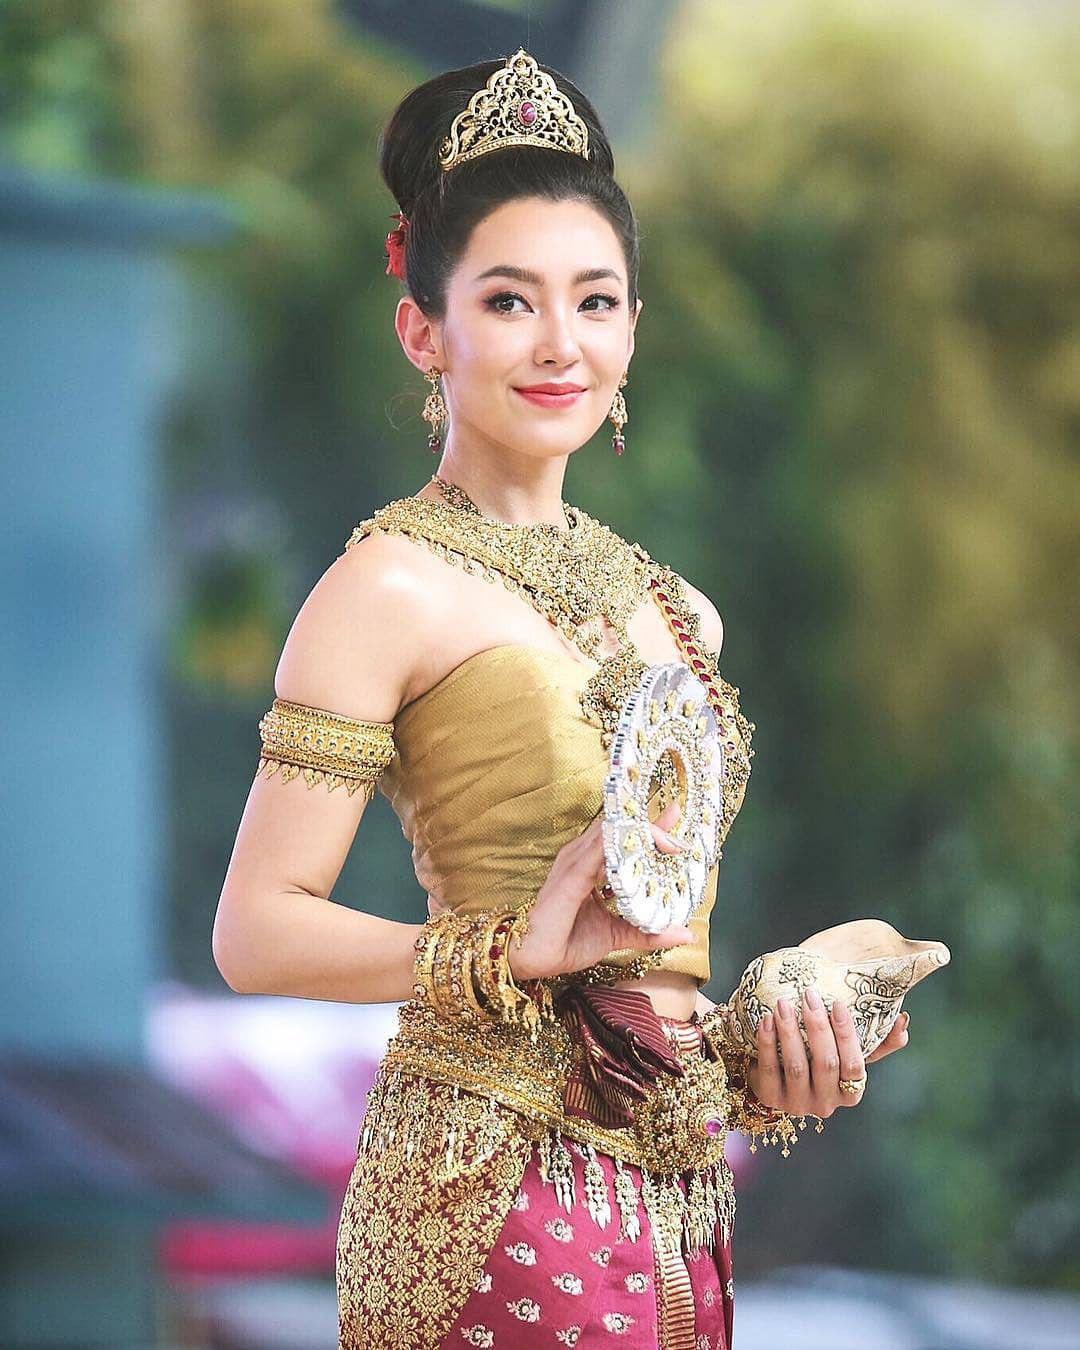 Ngắm nhăn sắc đỉnh cao của dàn mỹ nhân Tbiz khi hóa nữ thần tại Songkran 2019 (7)